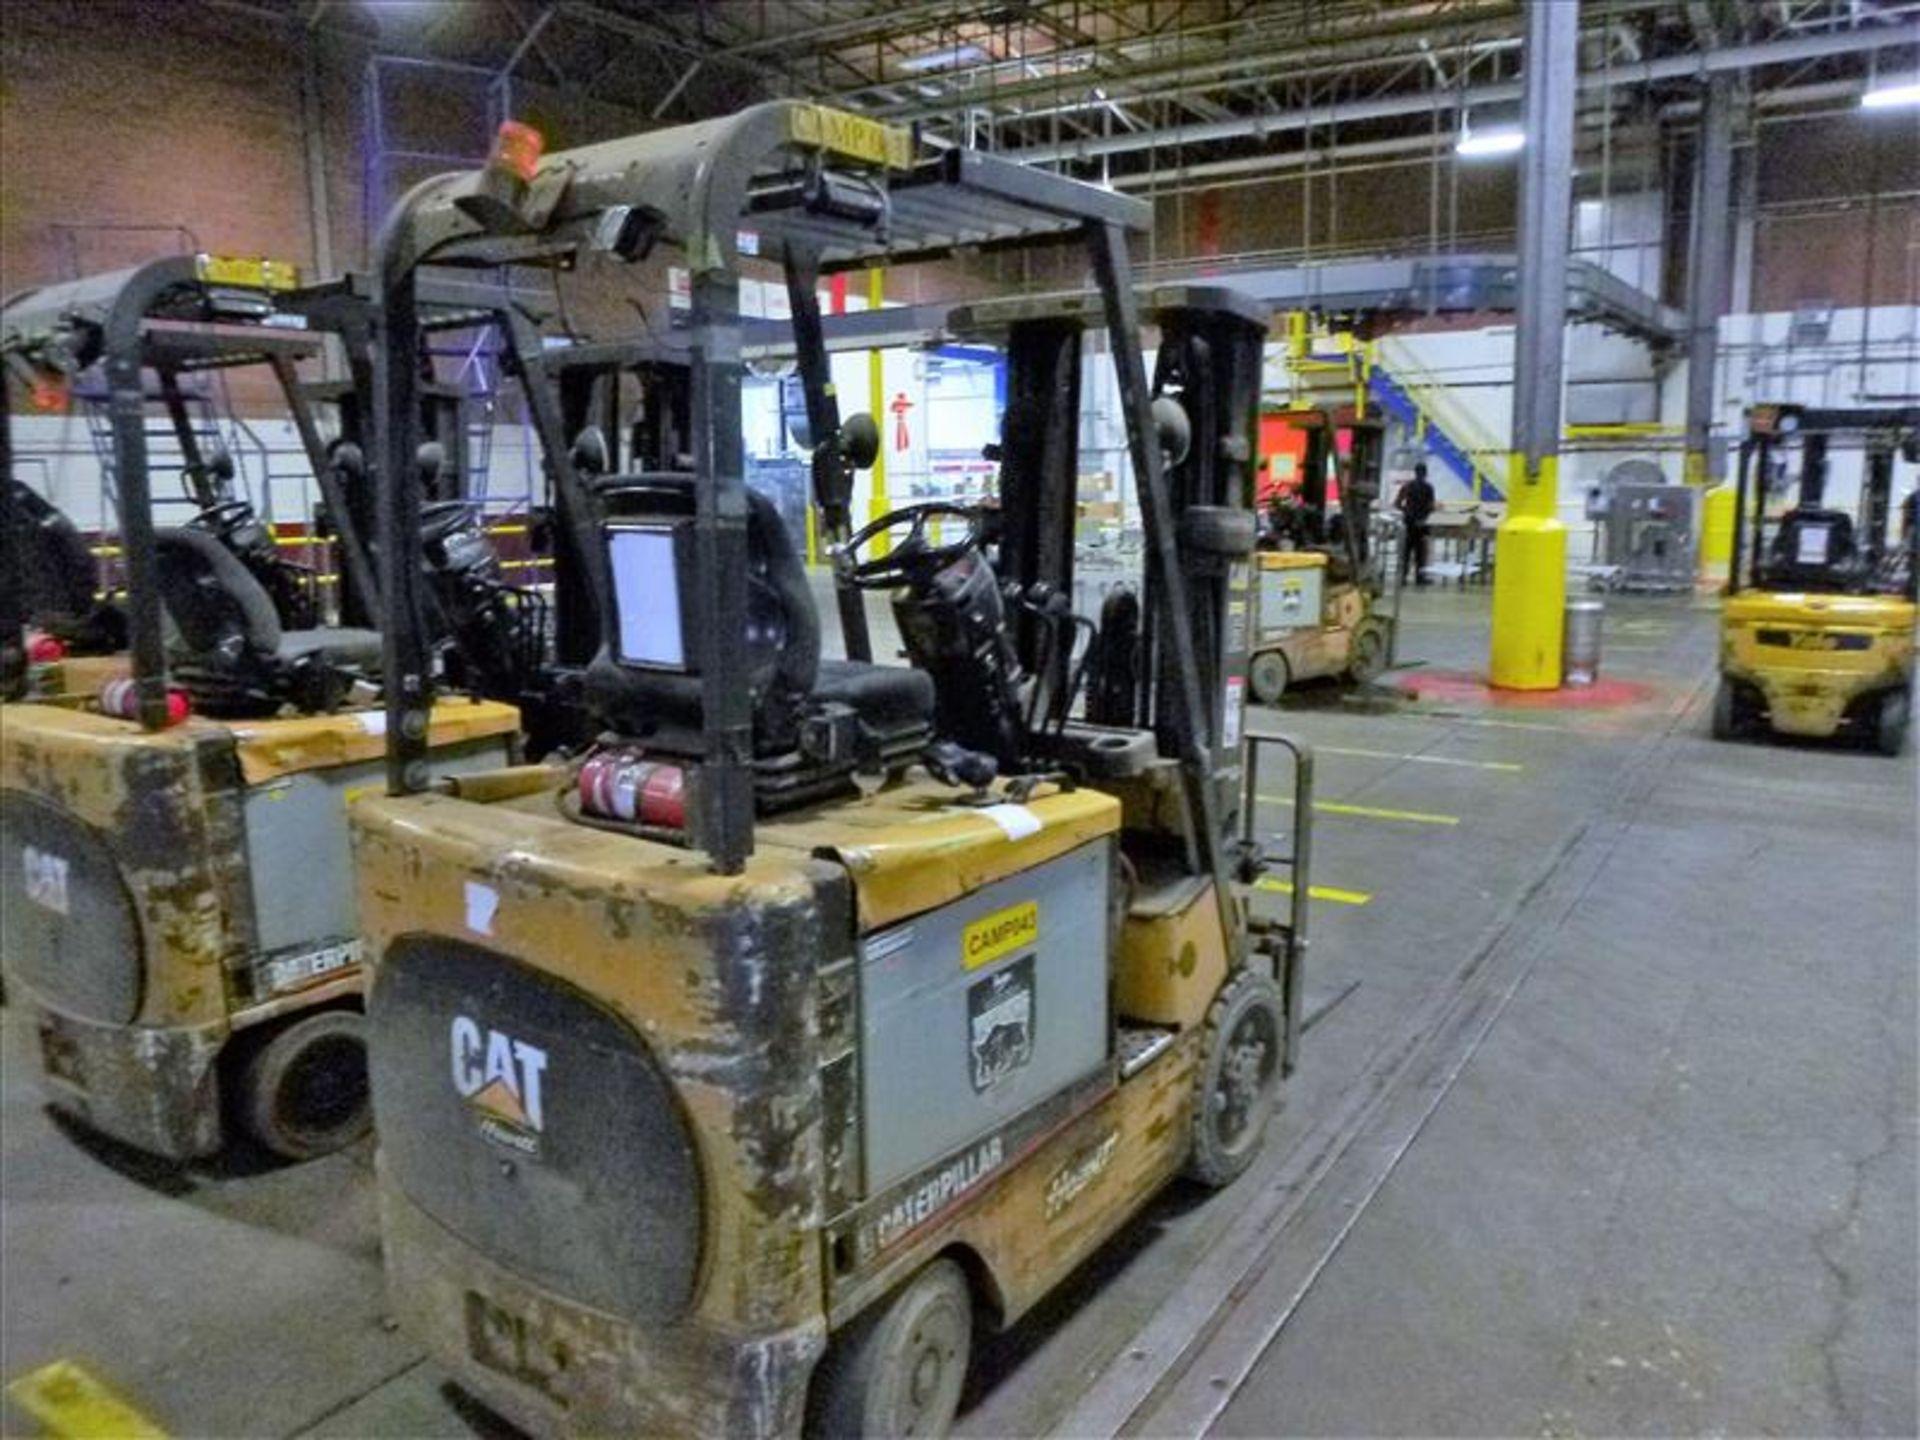 Lot 2010 - Caterpillar fork lift truck, mod. EC25K, ser. no. A3EC230480, 48V electric, 4450 lbs cap., 188 in.